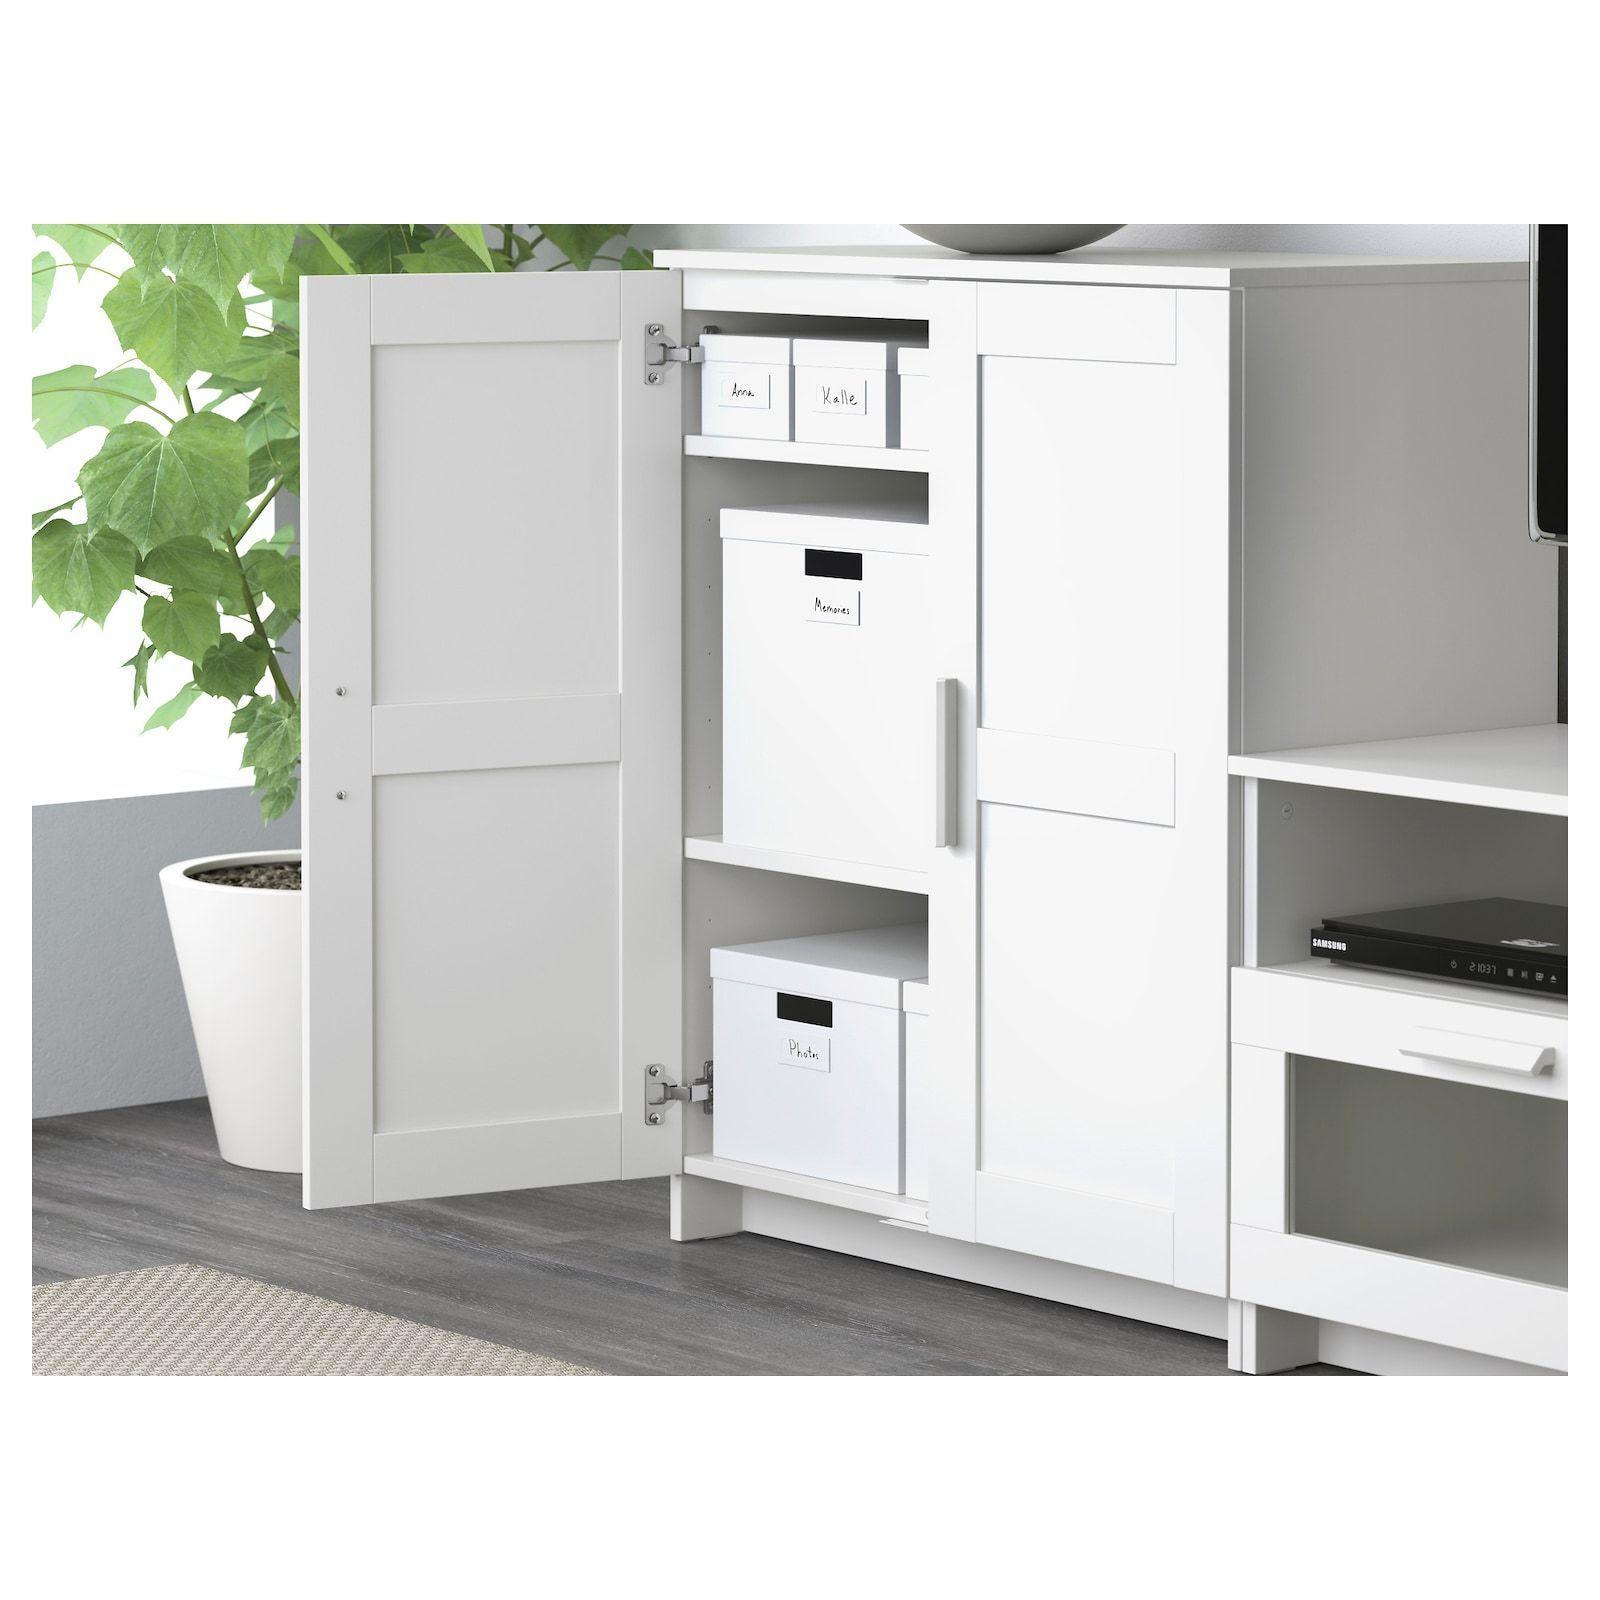 Ikea Brimnes Schrank Mit Türen